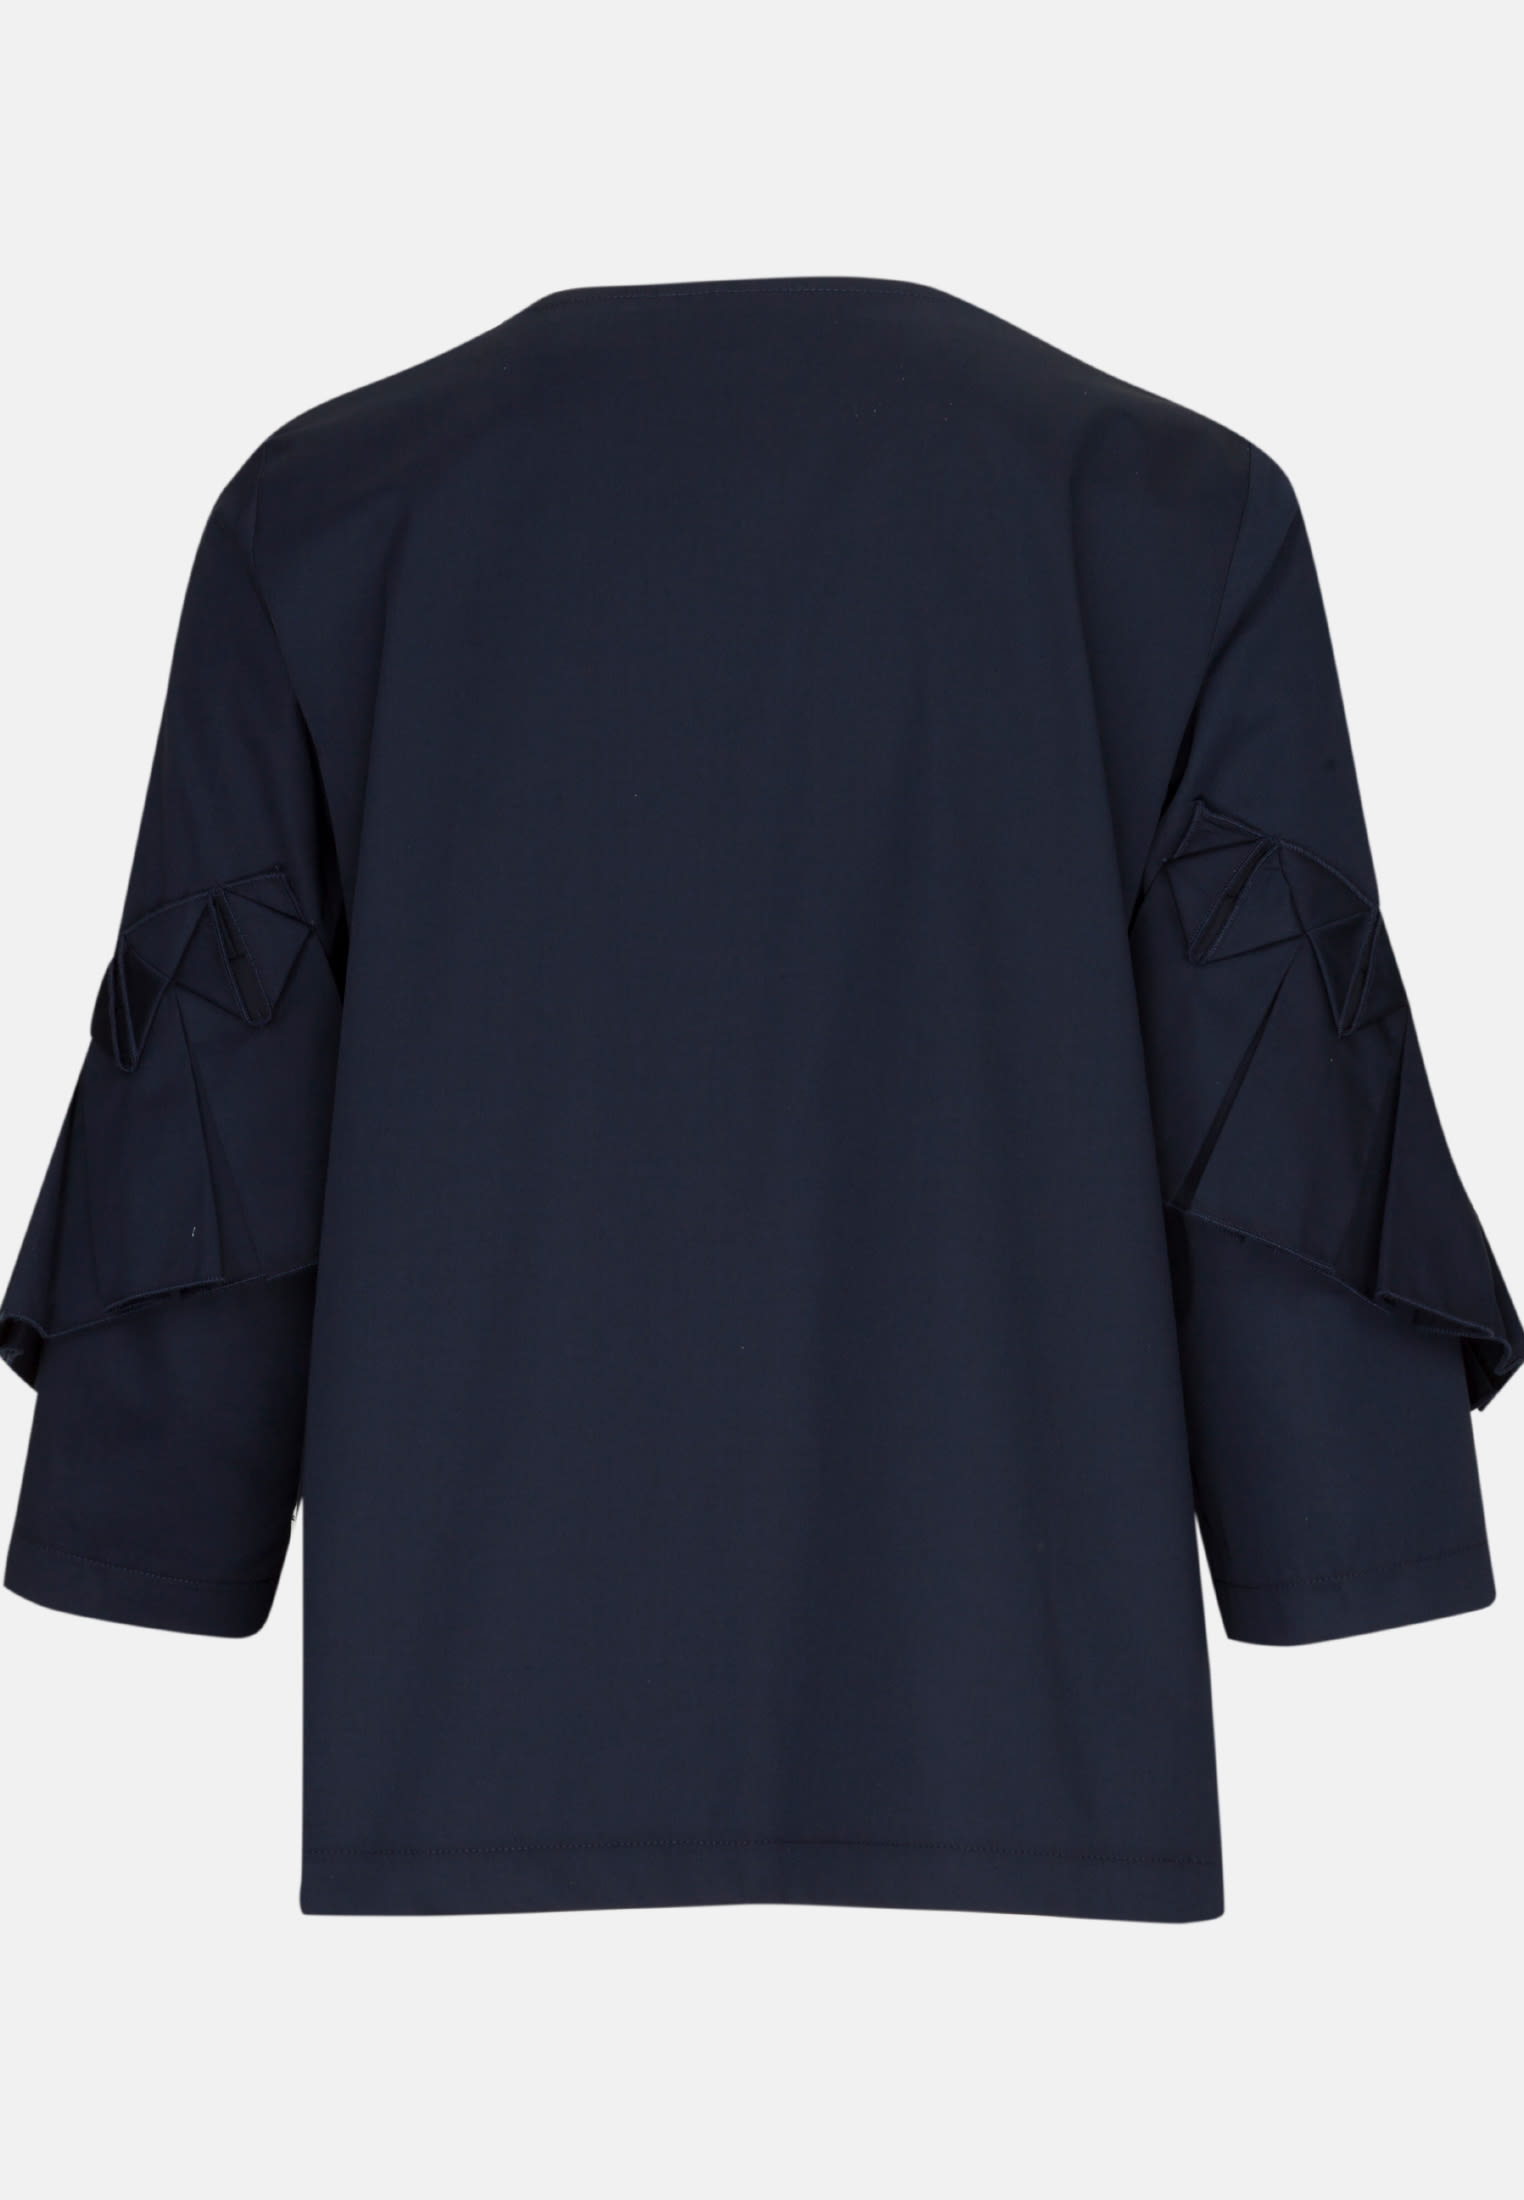 3/4 arm Satin Shirt Blouse made of 97% Cotton 3% Elastane in Dark blue |  Seidensticker Onlineshop